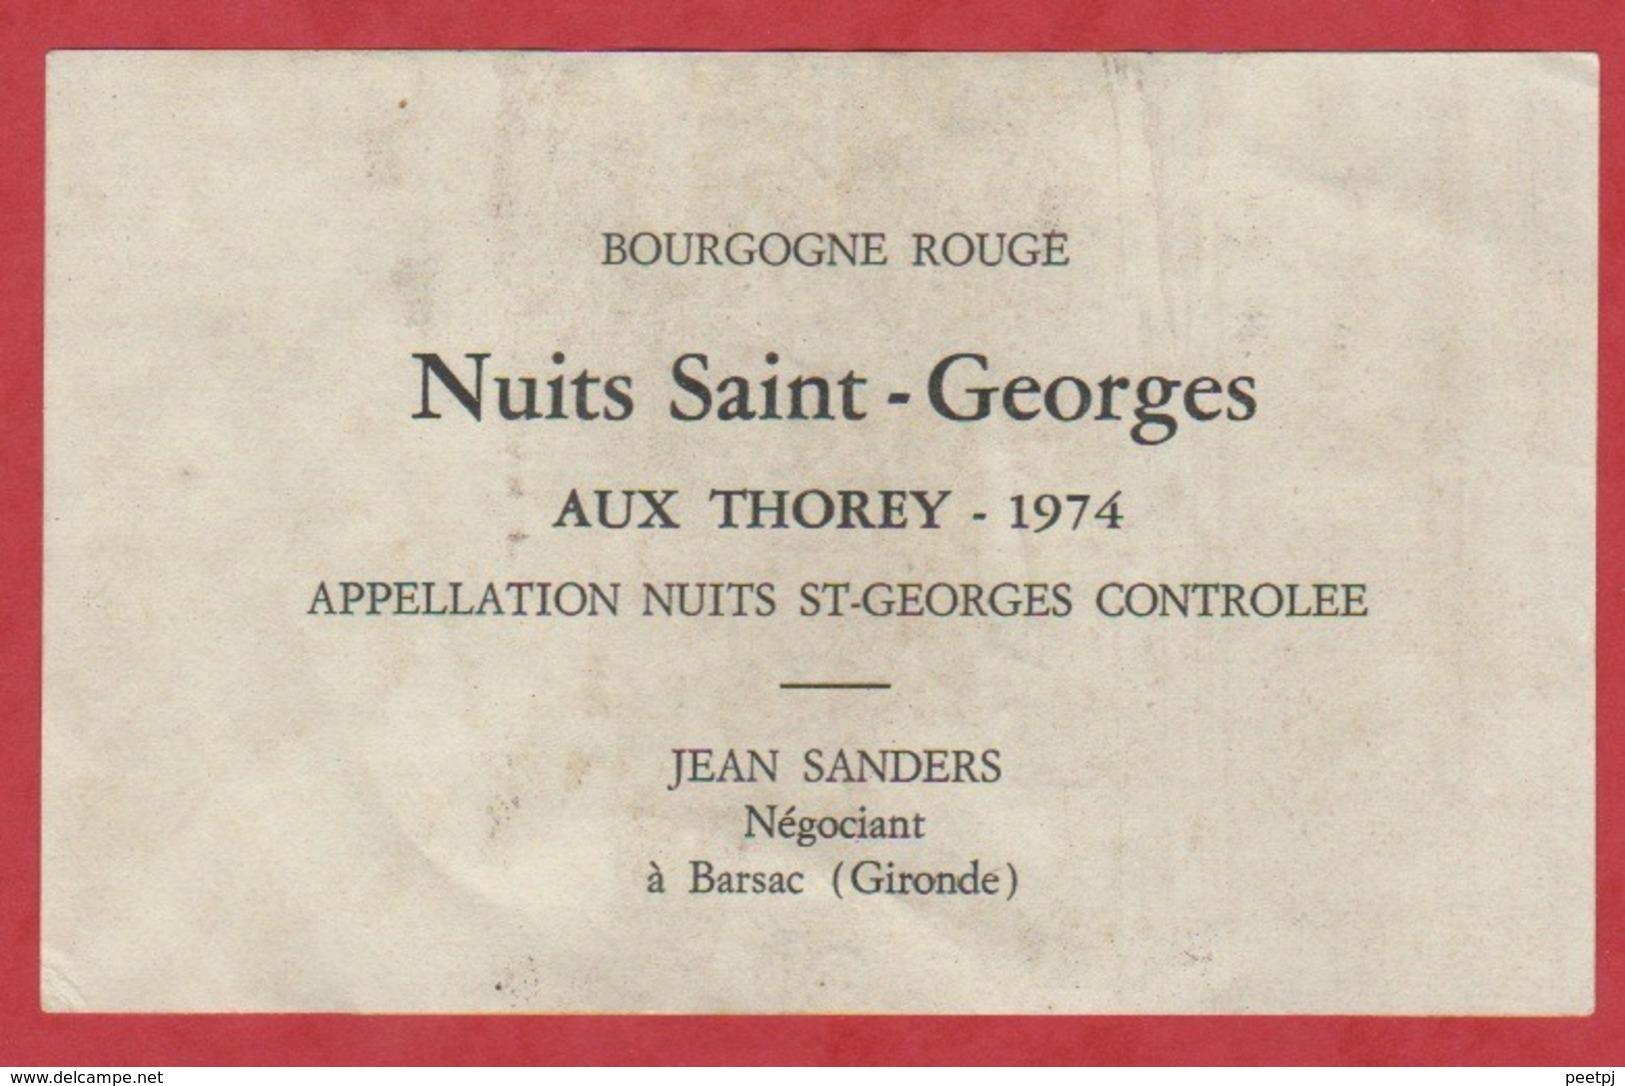 Etiquette - Vin - France - Bourgogne - 1974 - Nuits Saint-Georges Aux Thorey. - Etiquettes